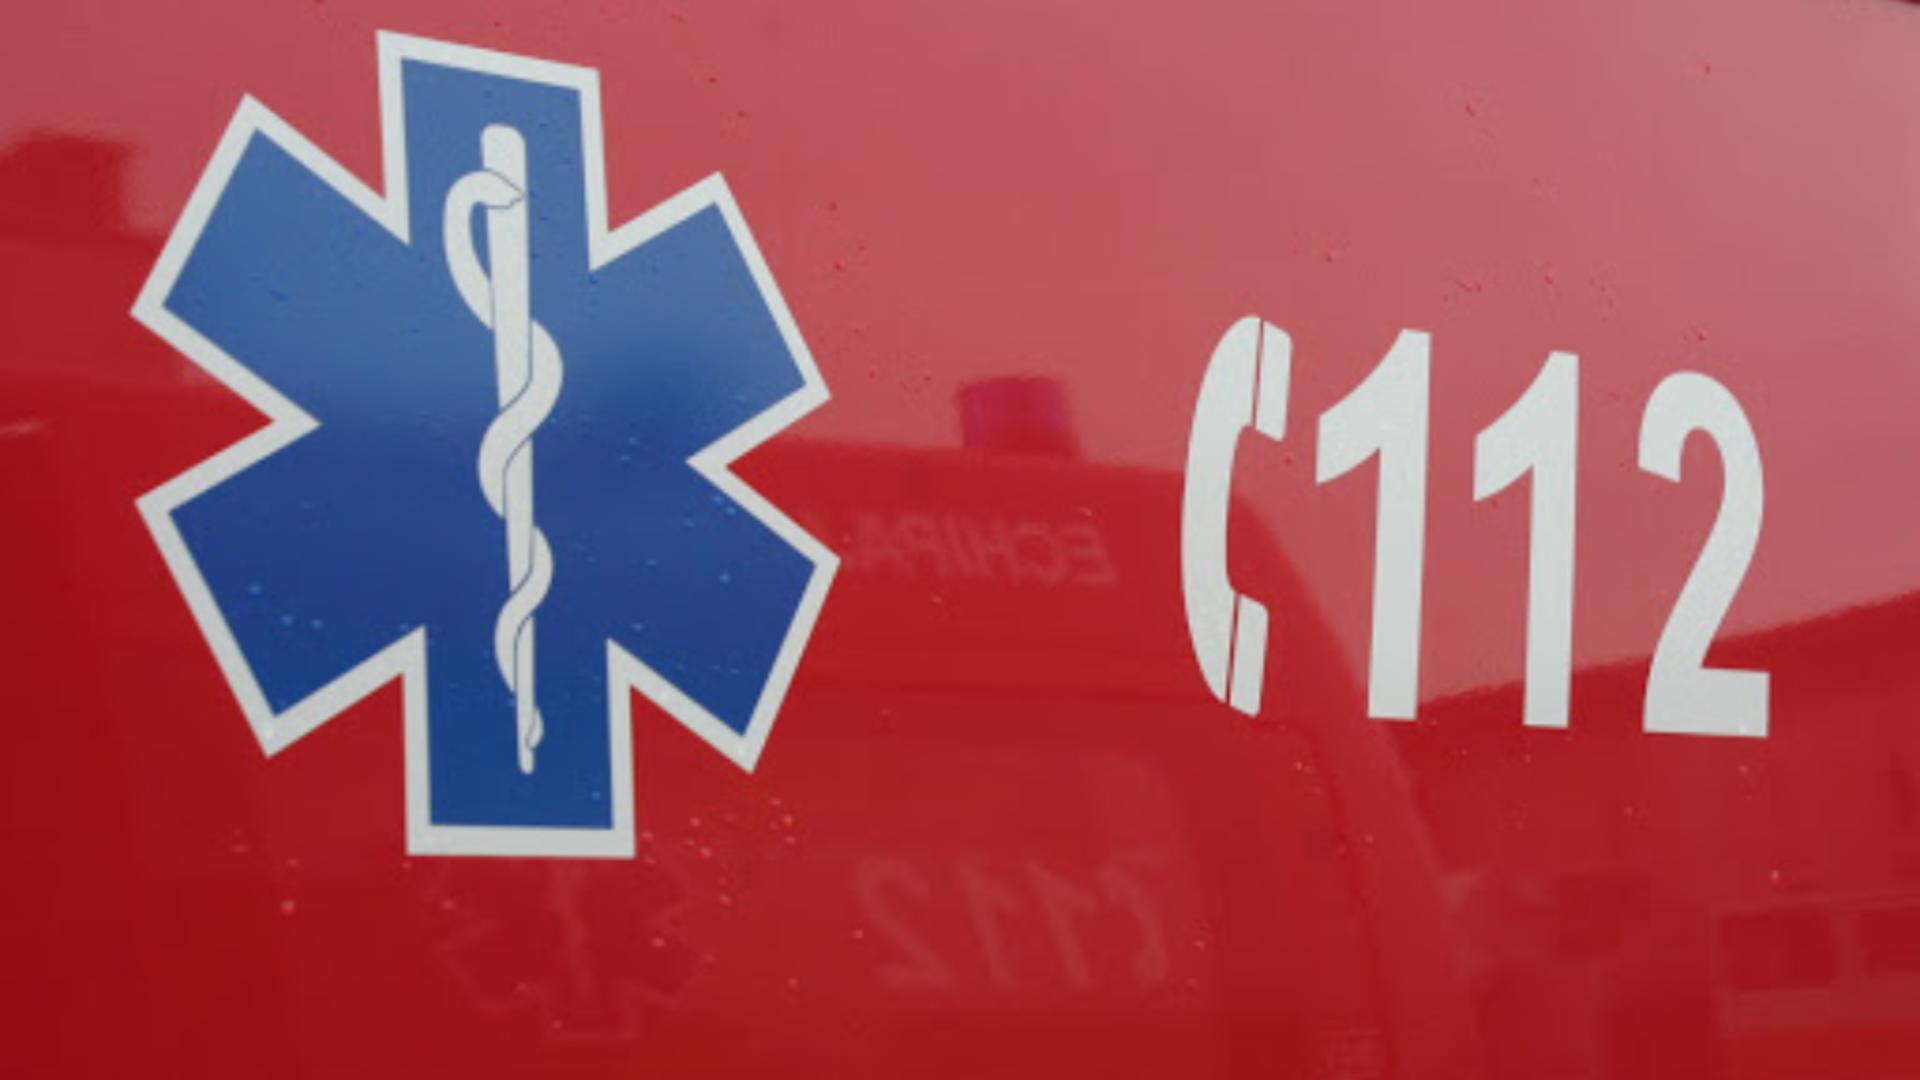 Numărul de urgență 112